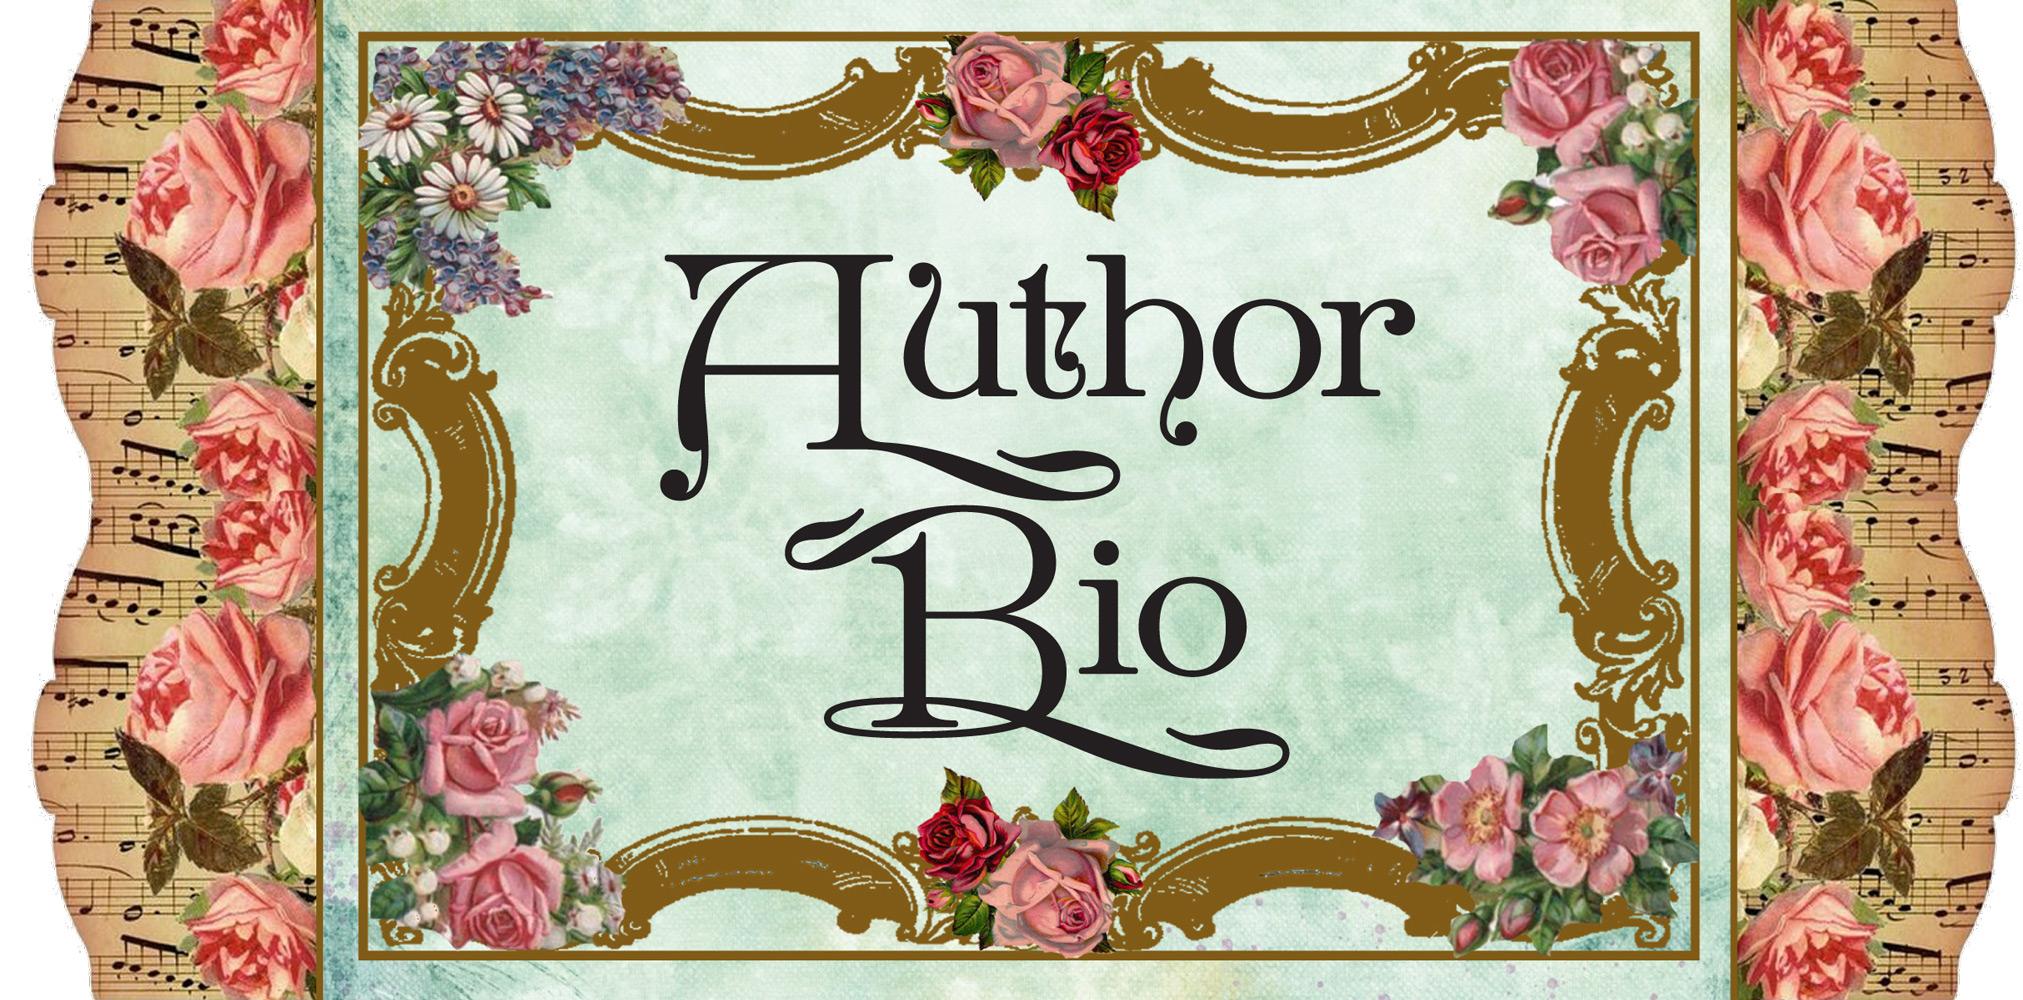 Good fiction authors